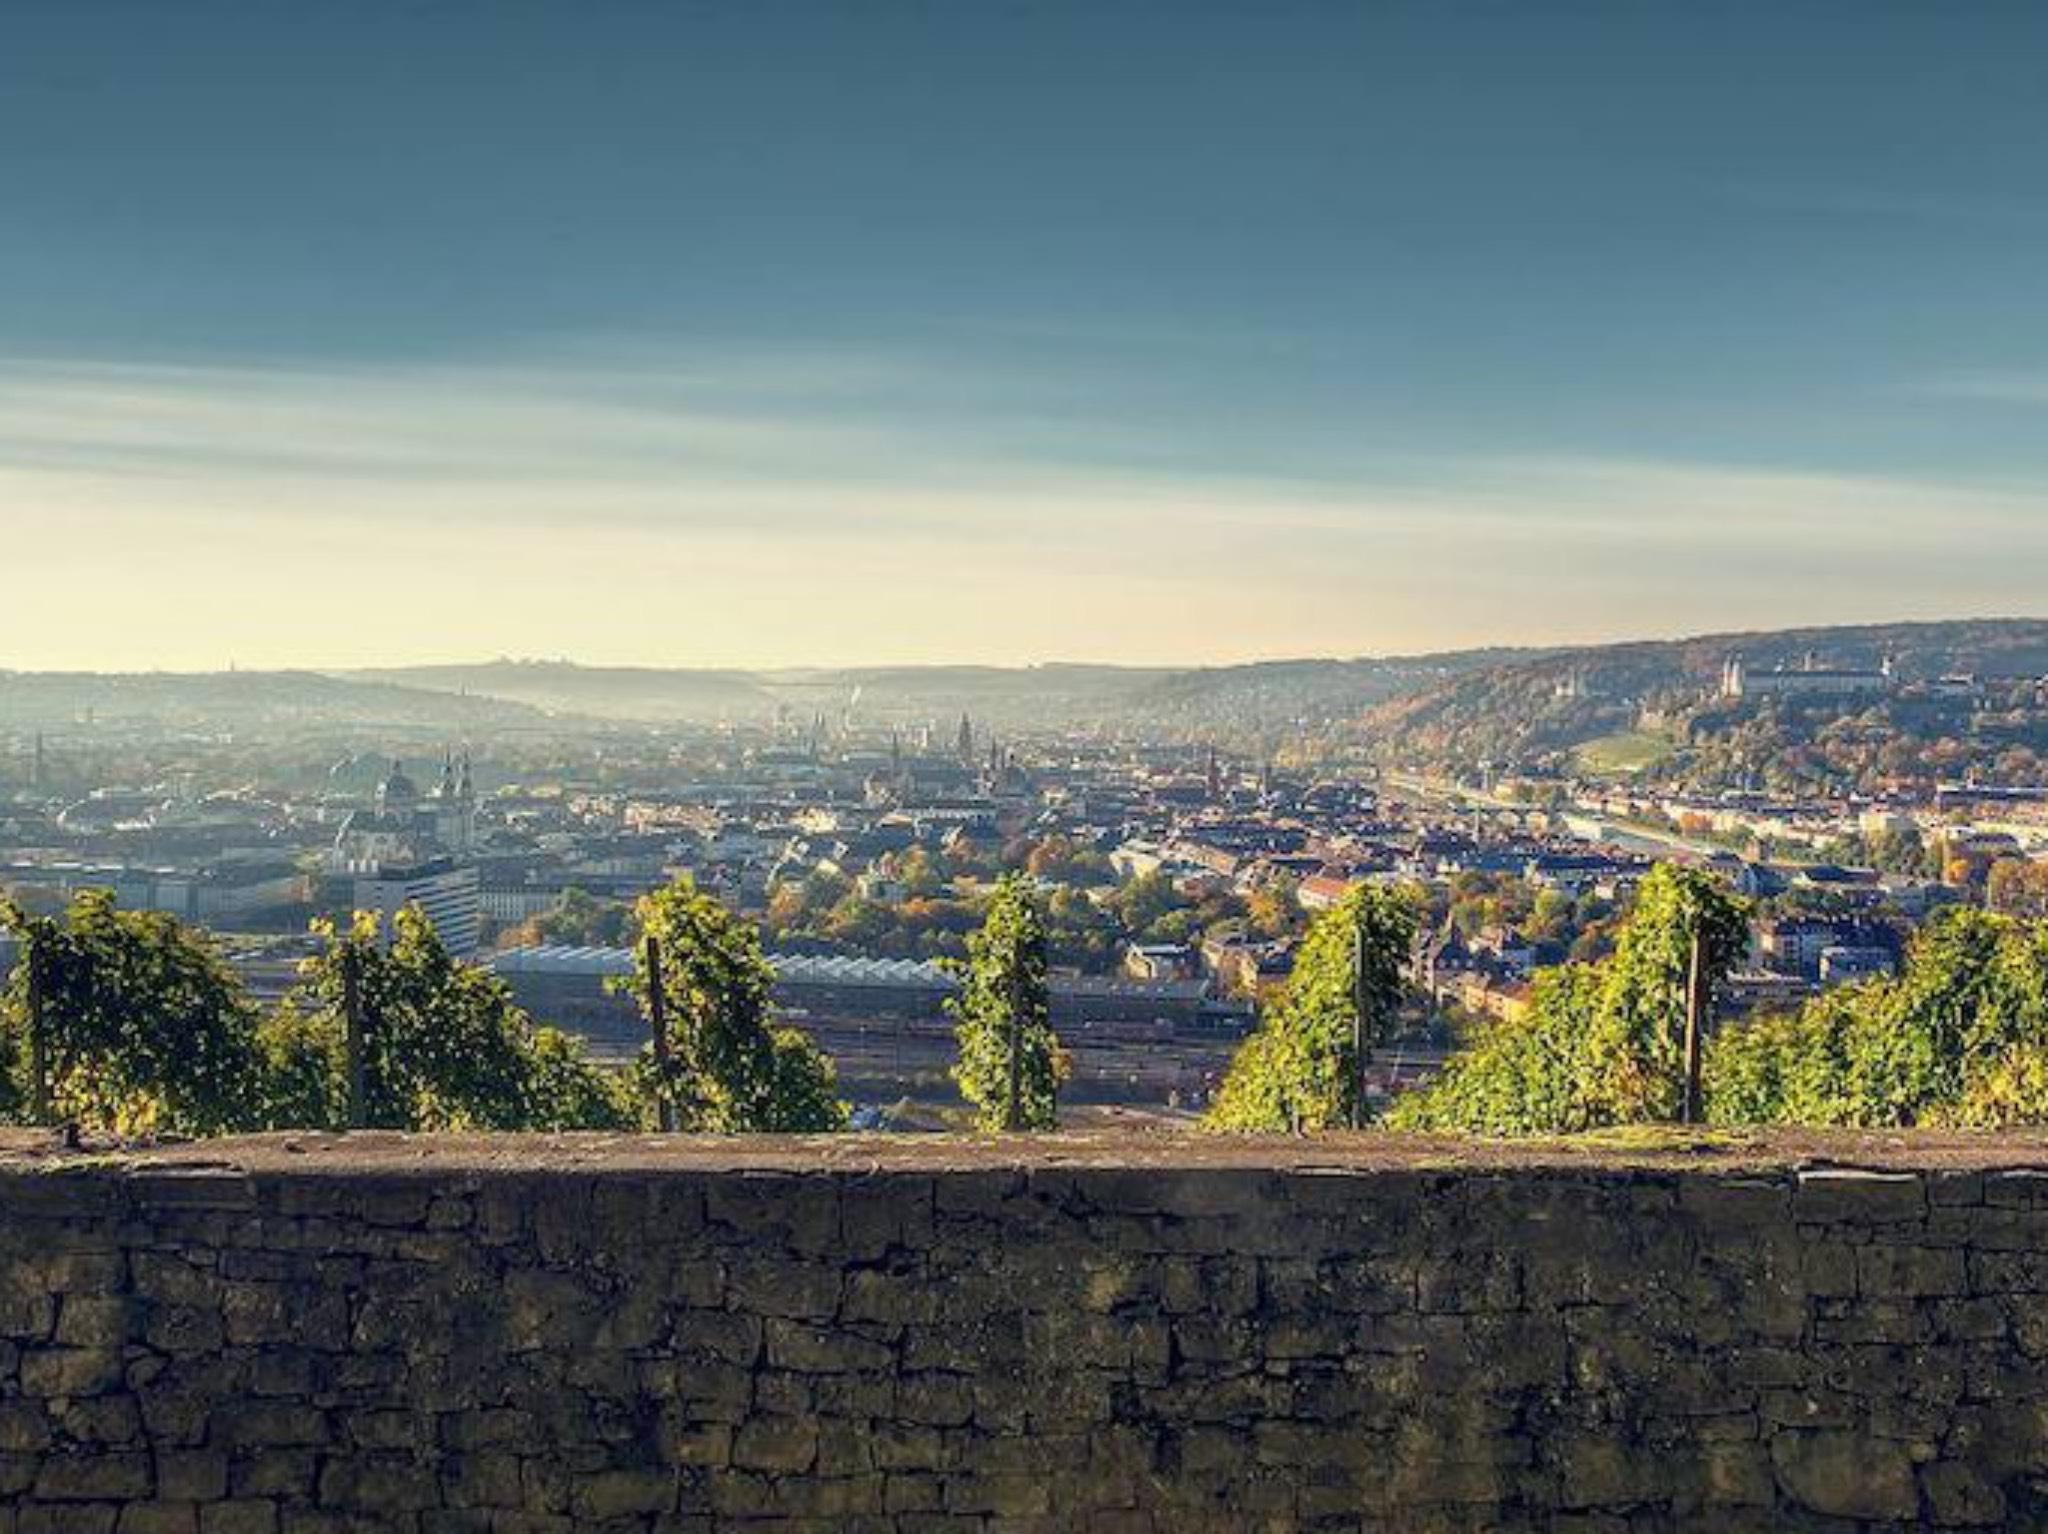 Blick auf Würzburg. Foto: Max Ziegler